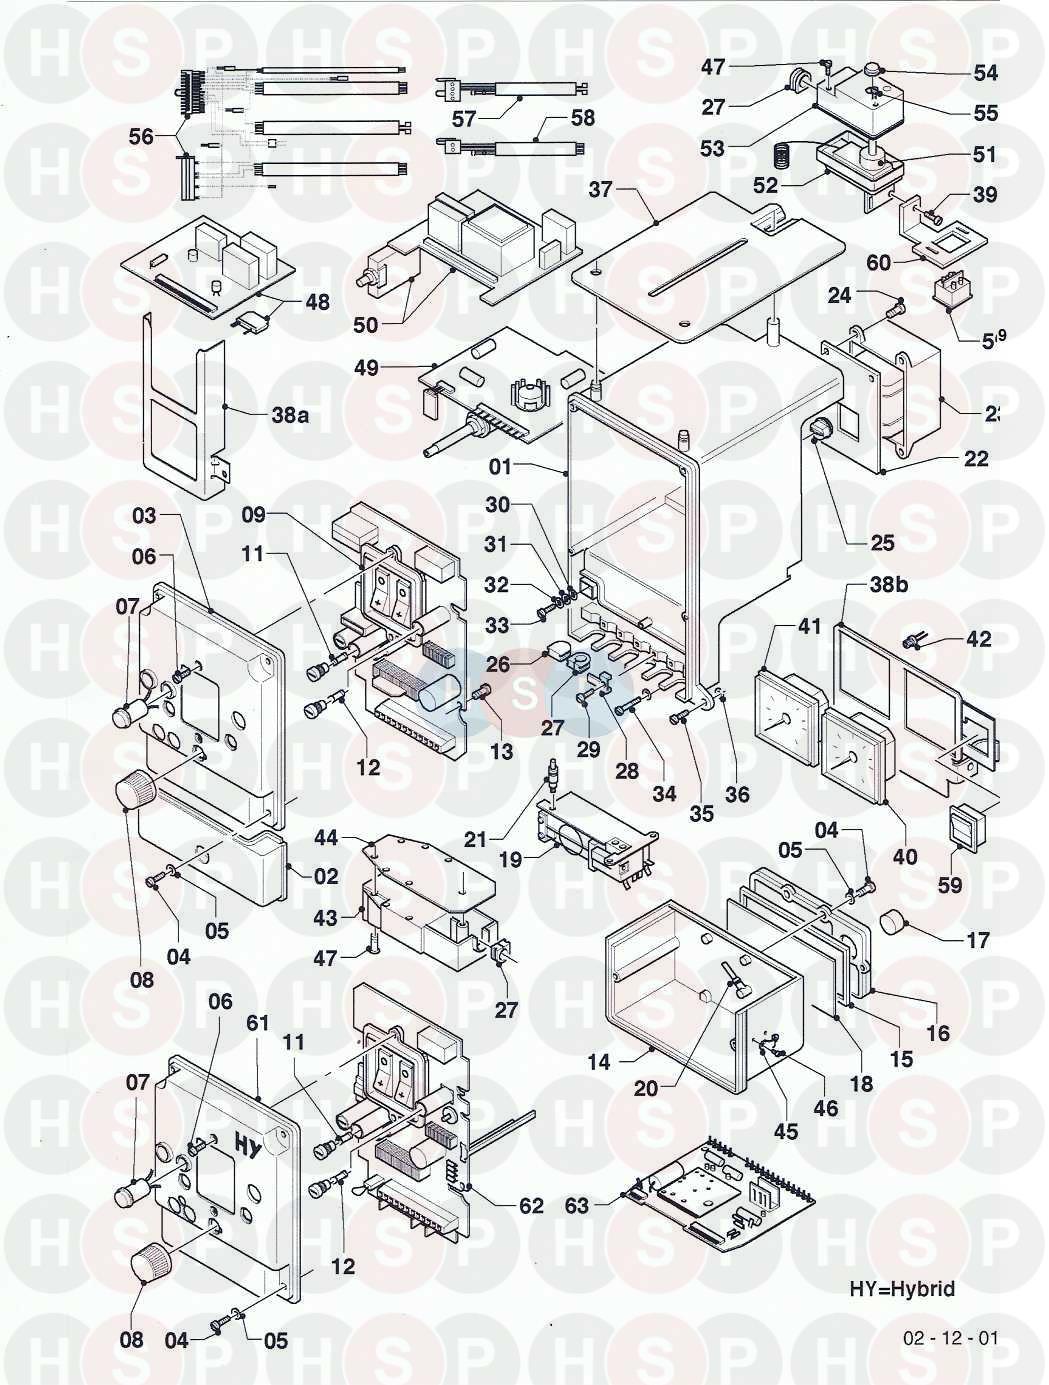 Vaillant THERMOCOMPACT FF VC GB 242 E (12 CONTROL BOX